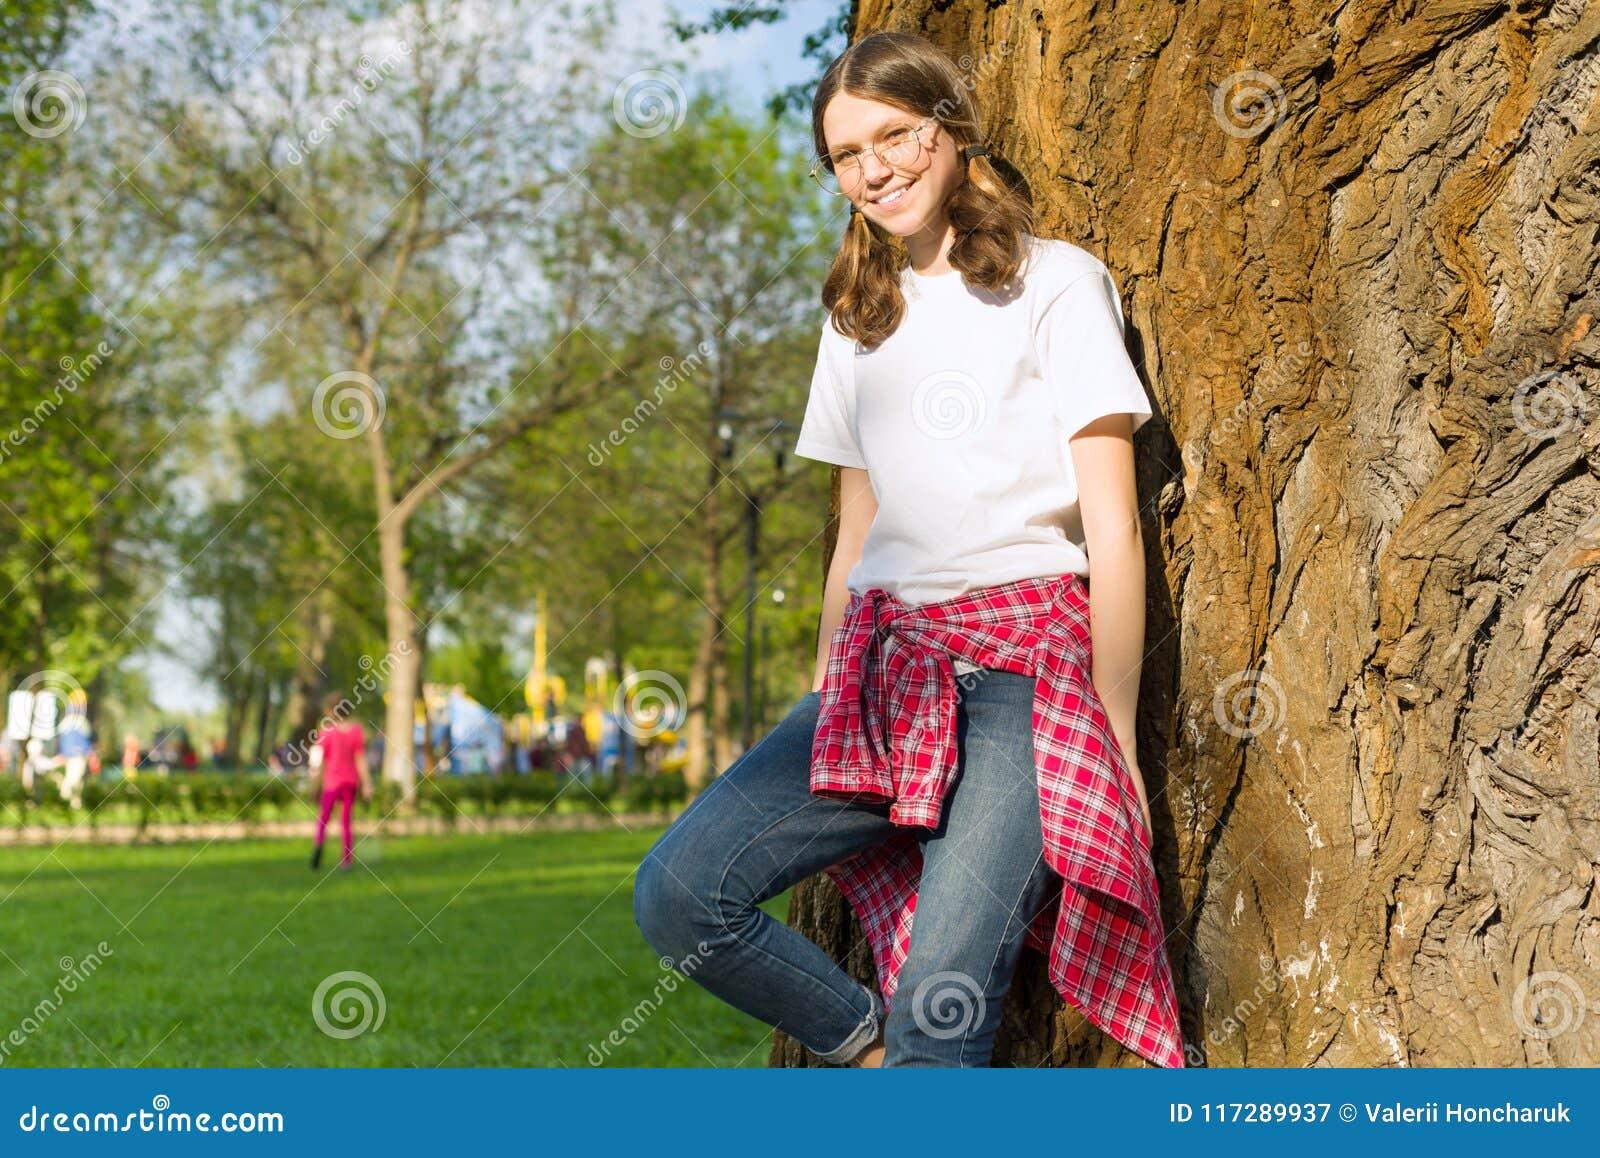 Подростки Девочки 14 Лет Модели Фото